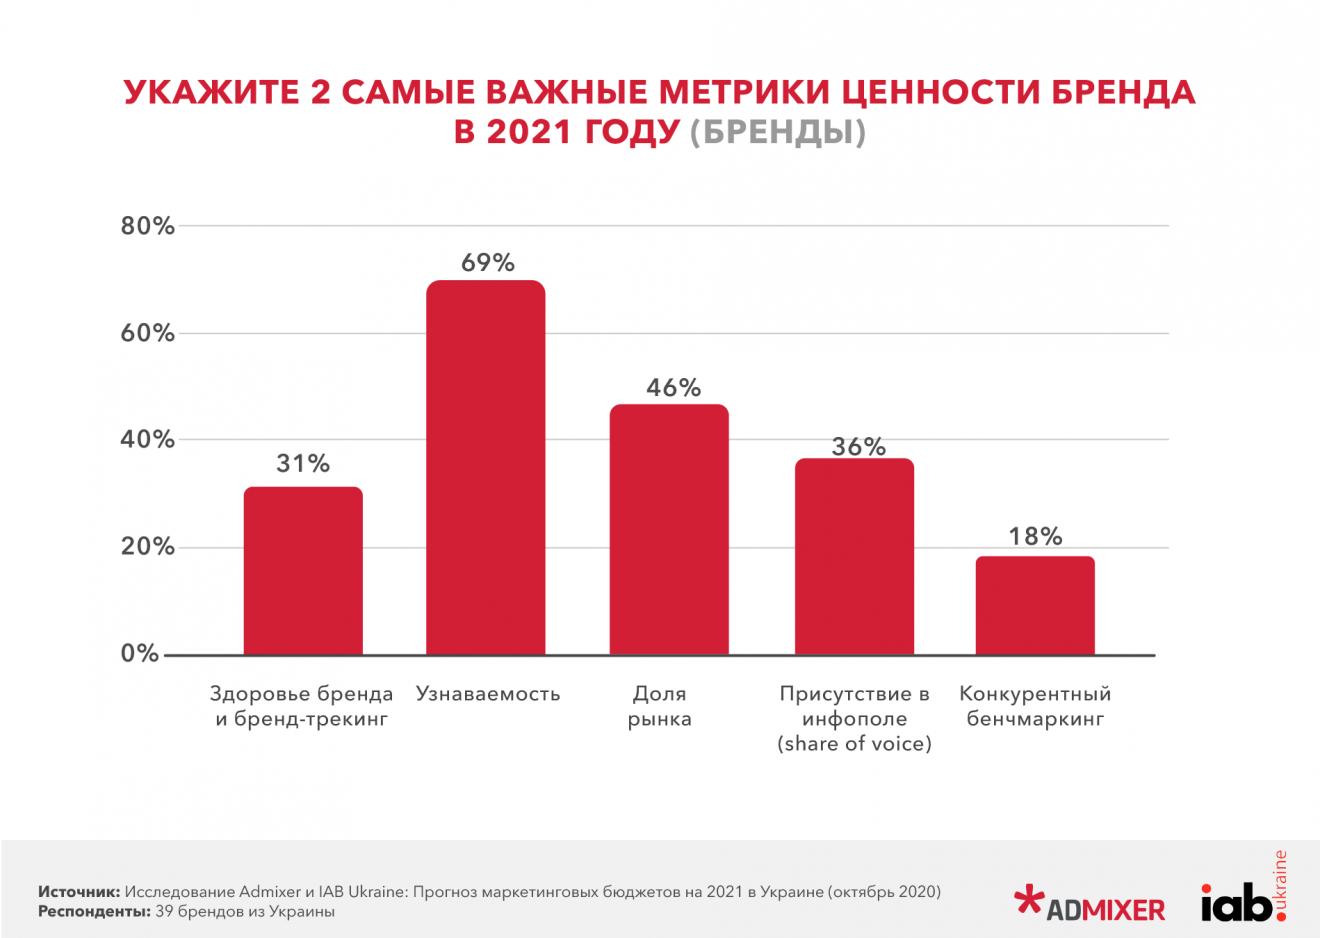 5-1320x938 Прогноз маркетингових бюджетів в Україні на 2021 рік. Дослідження Admixer і IAB Ukraine